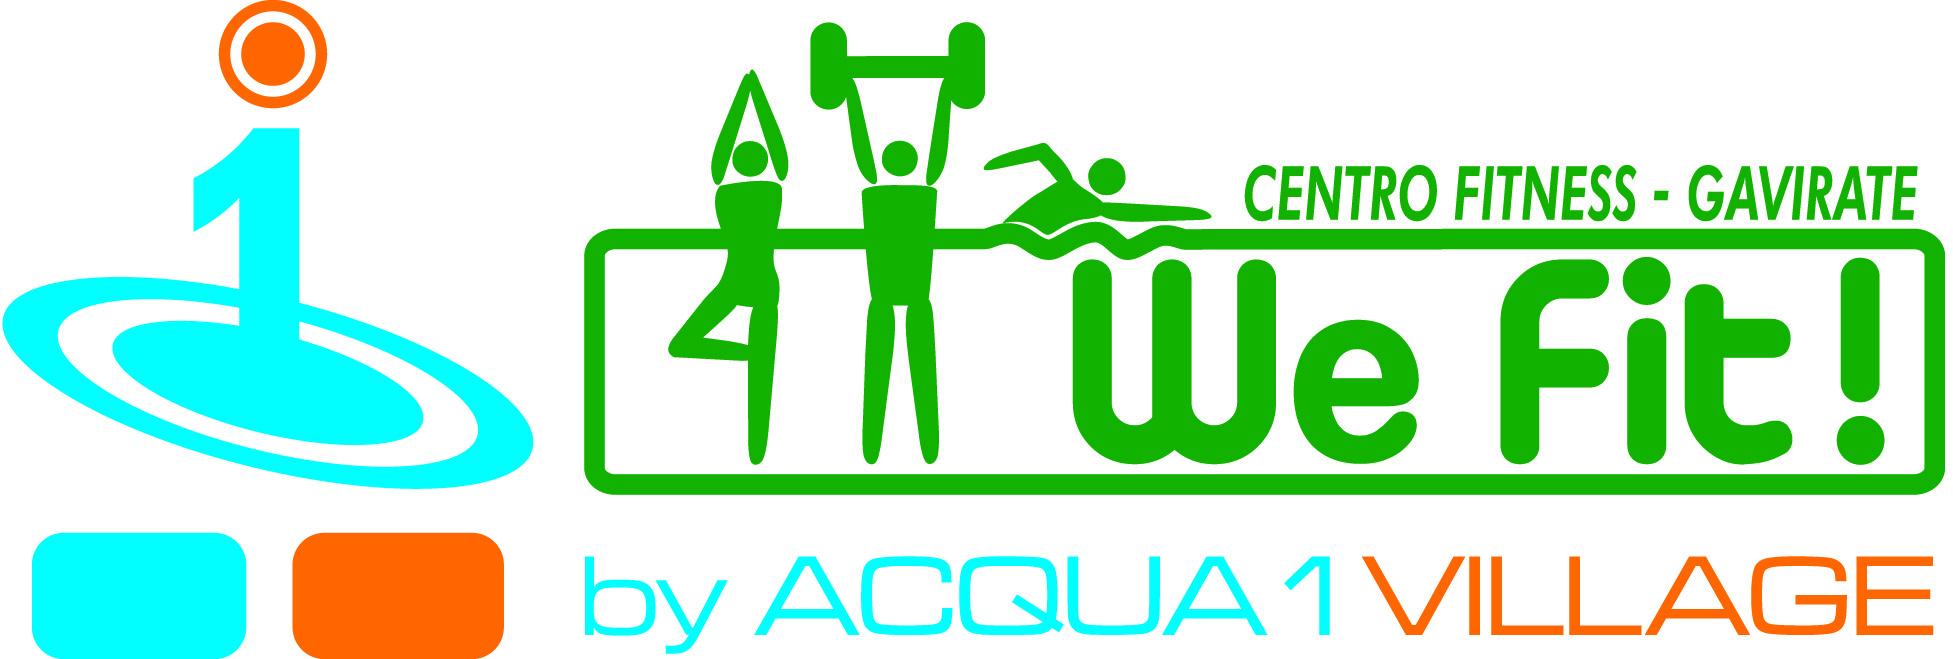 wefit-logo.cdr